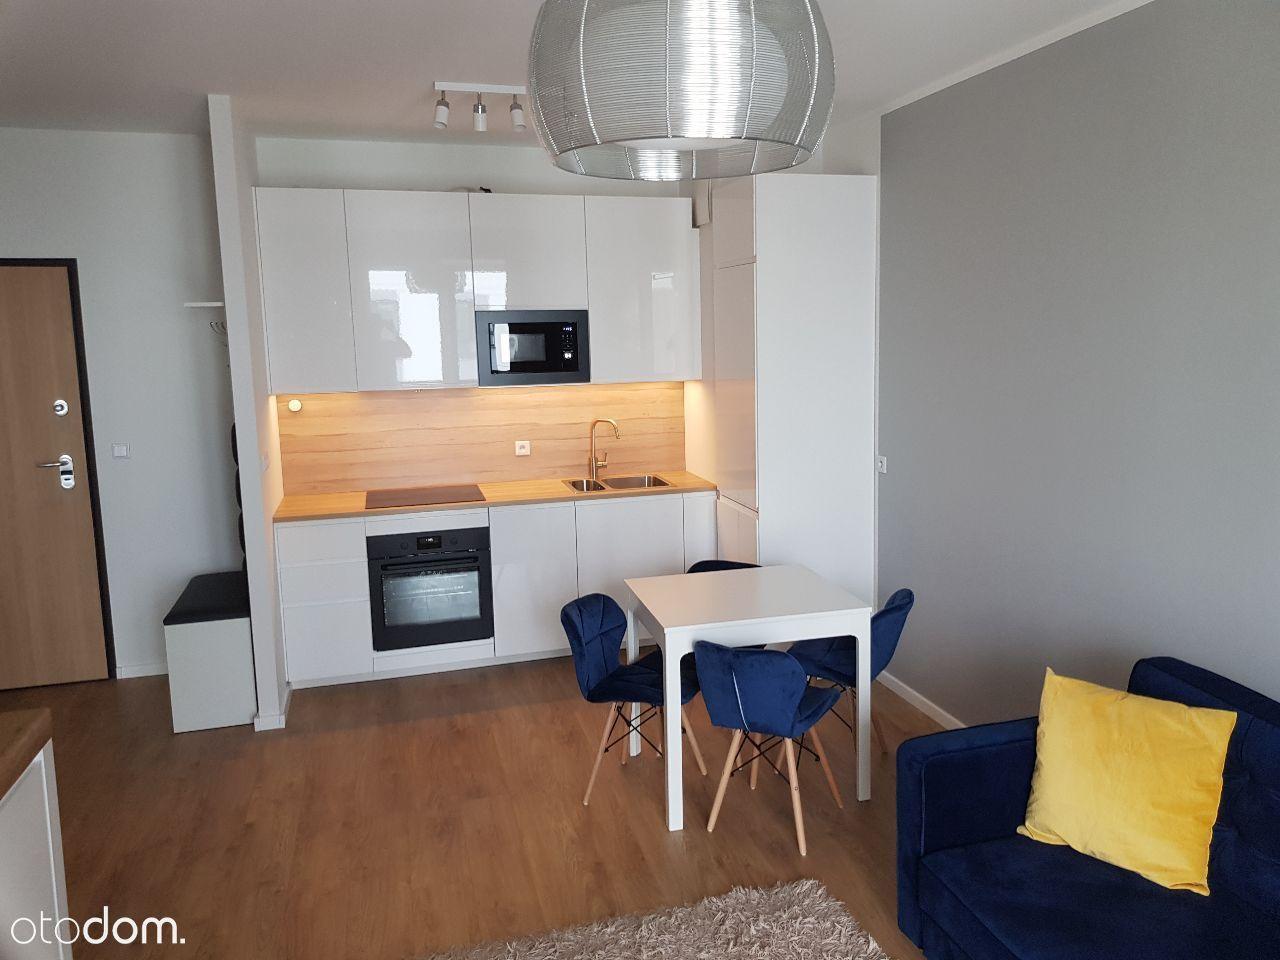 Włochy - 2-pokoje - 3 piętro - 40 m2 - z garażem